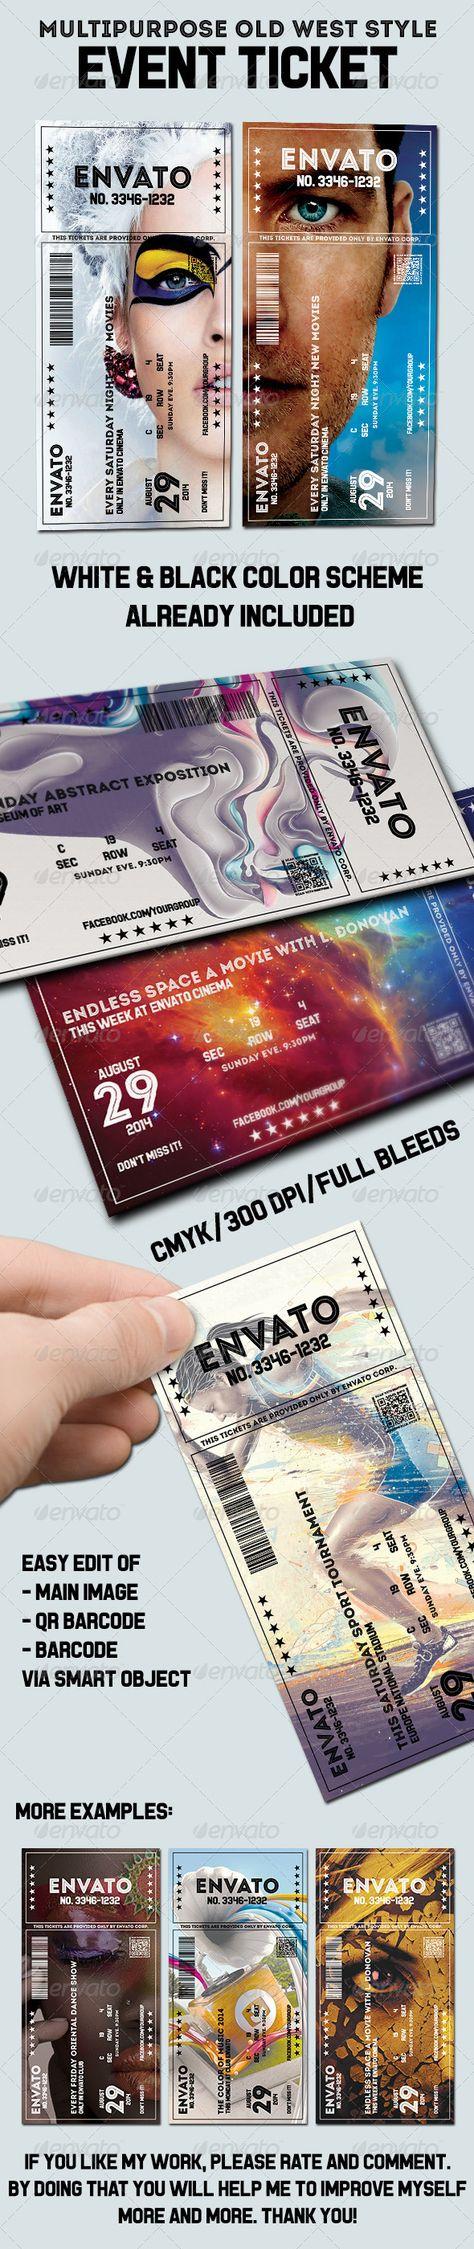 Elegant multipurpose event ticket